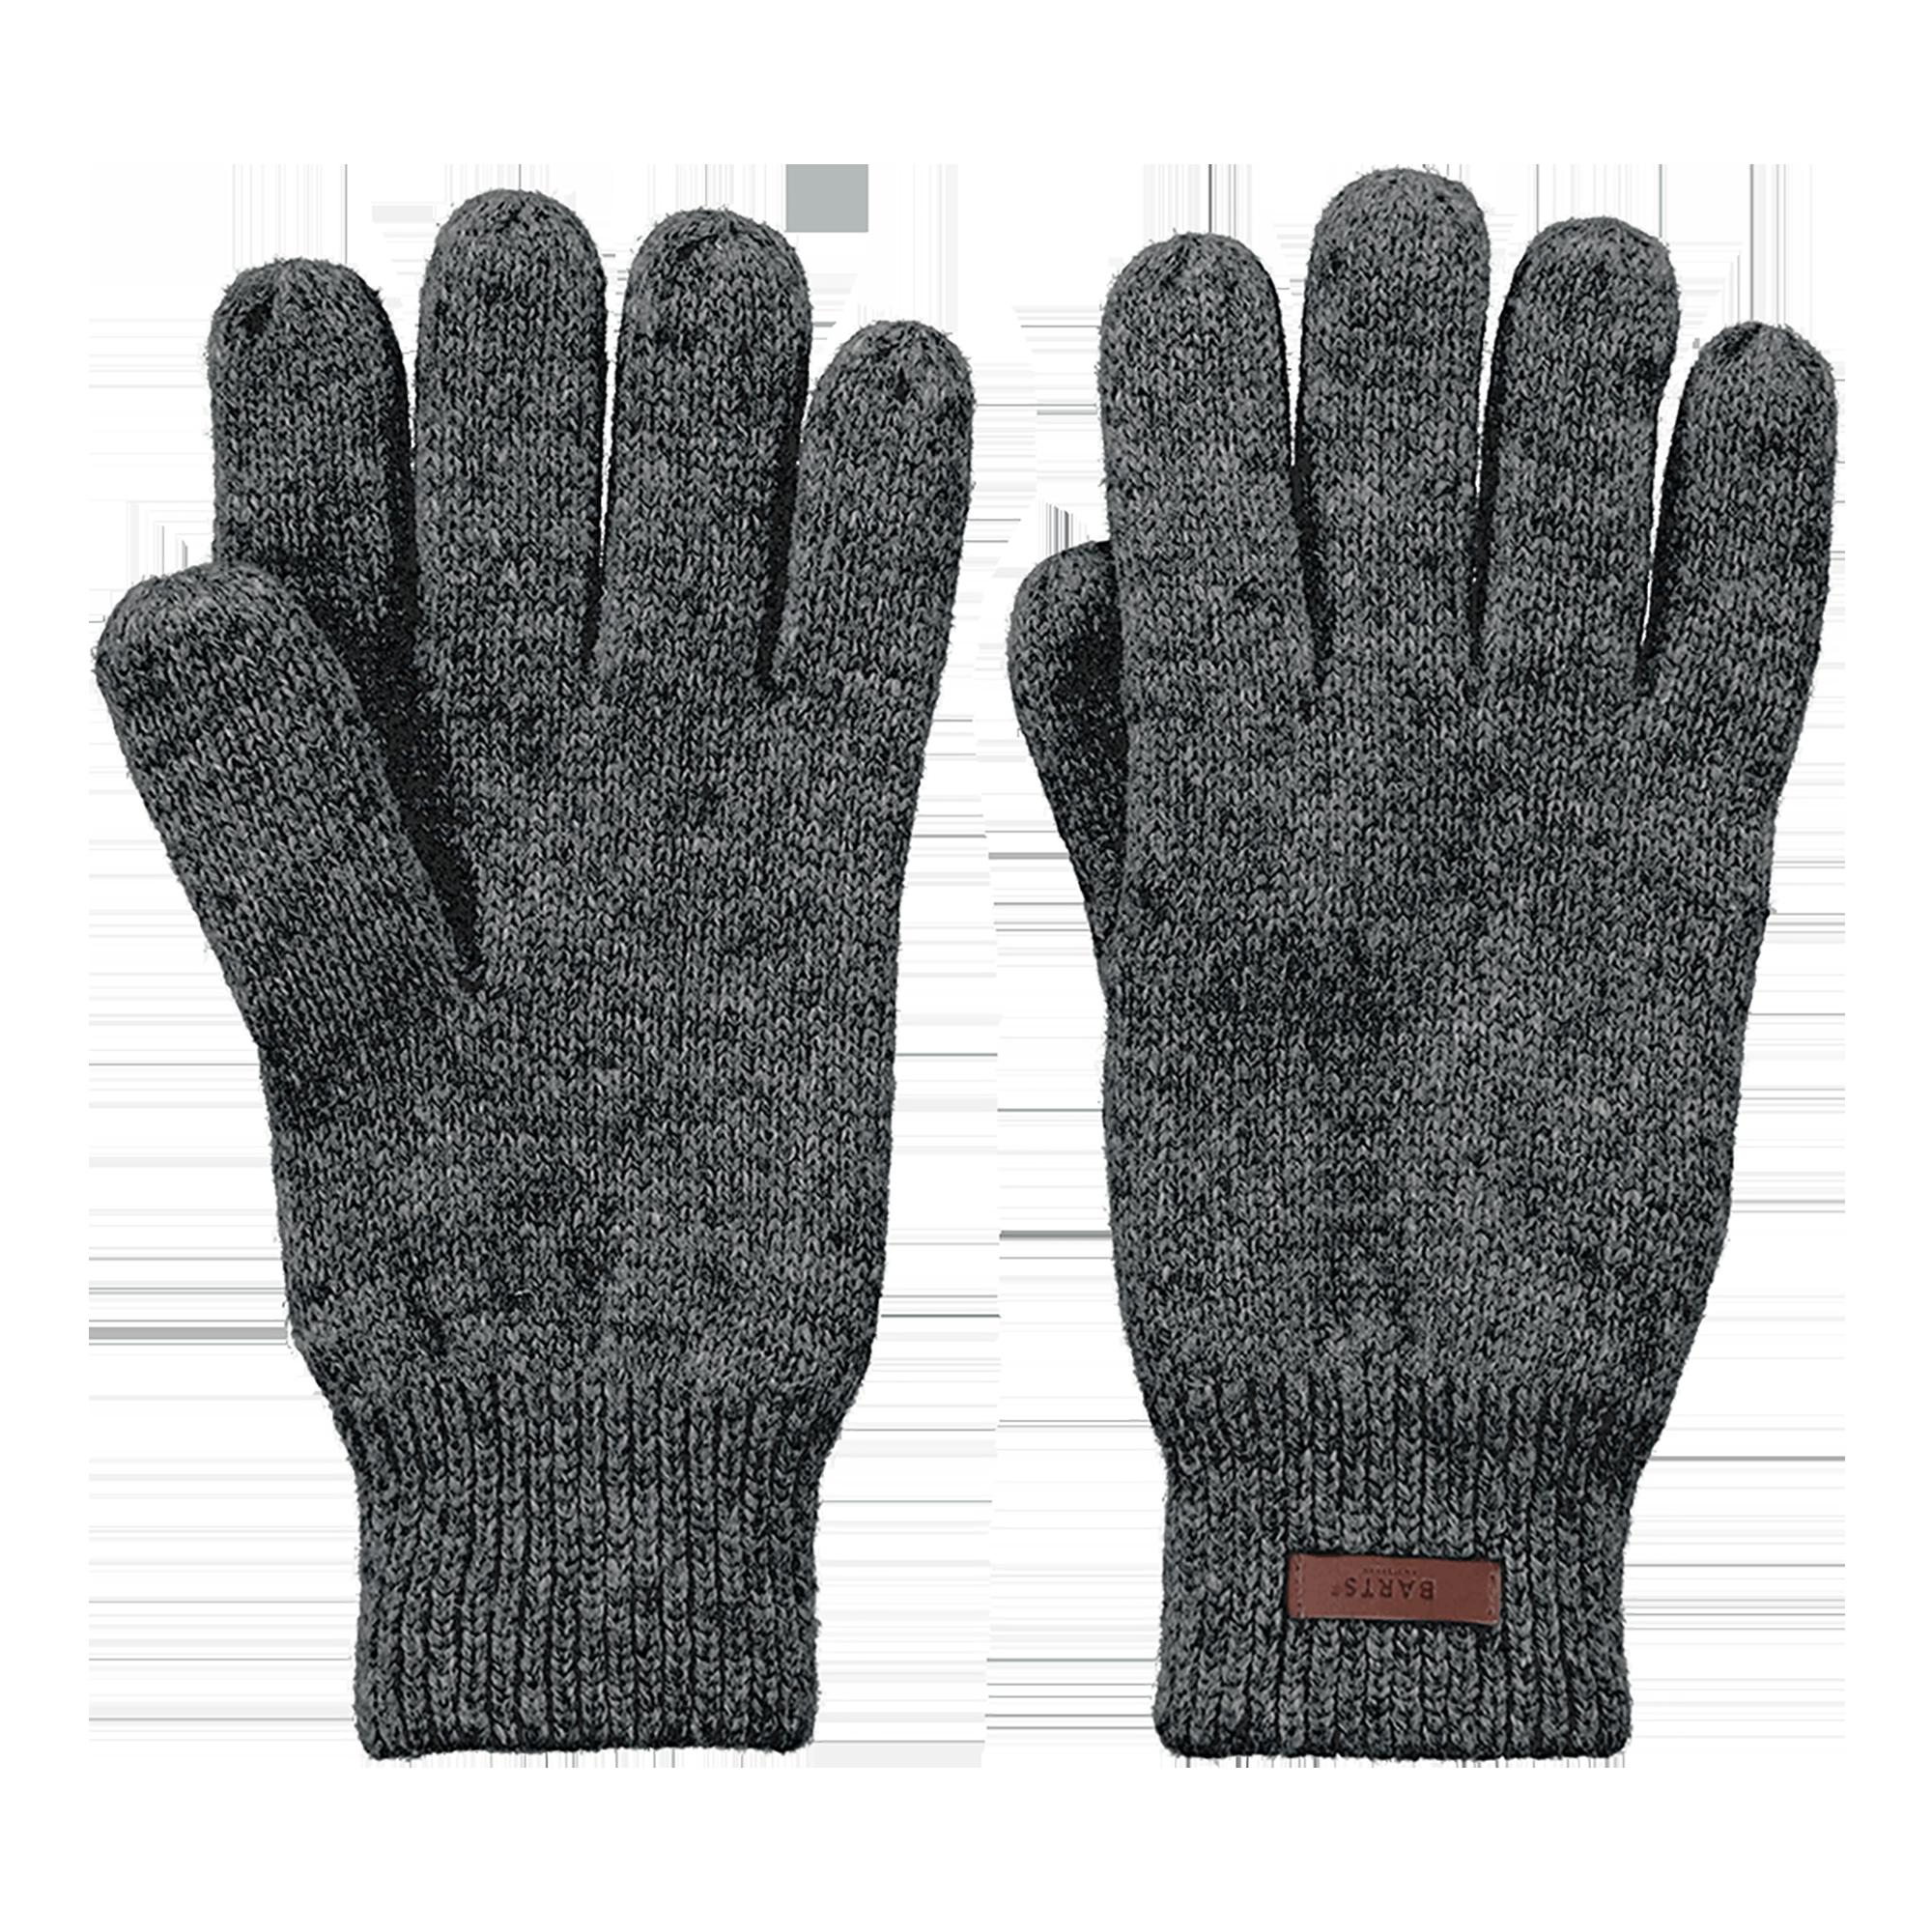 Barts Charcoal Haakon Gloves